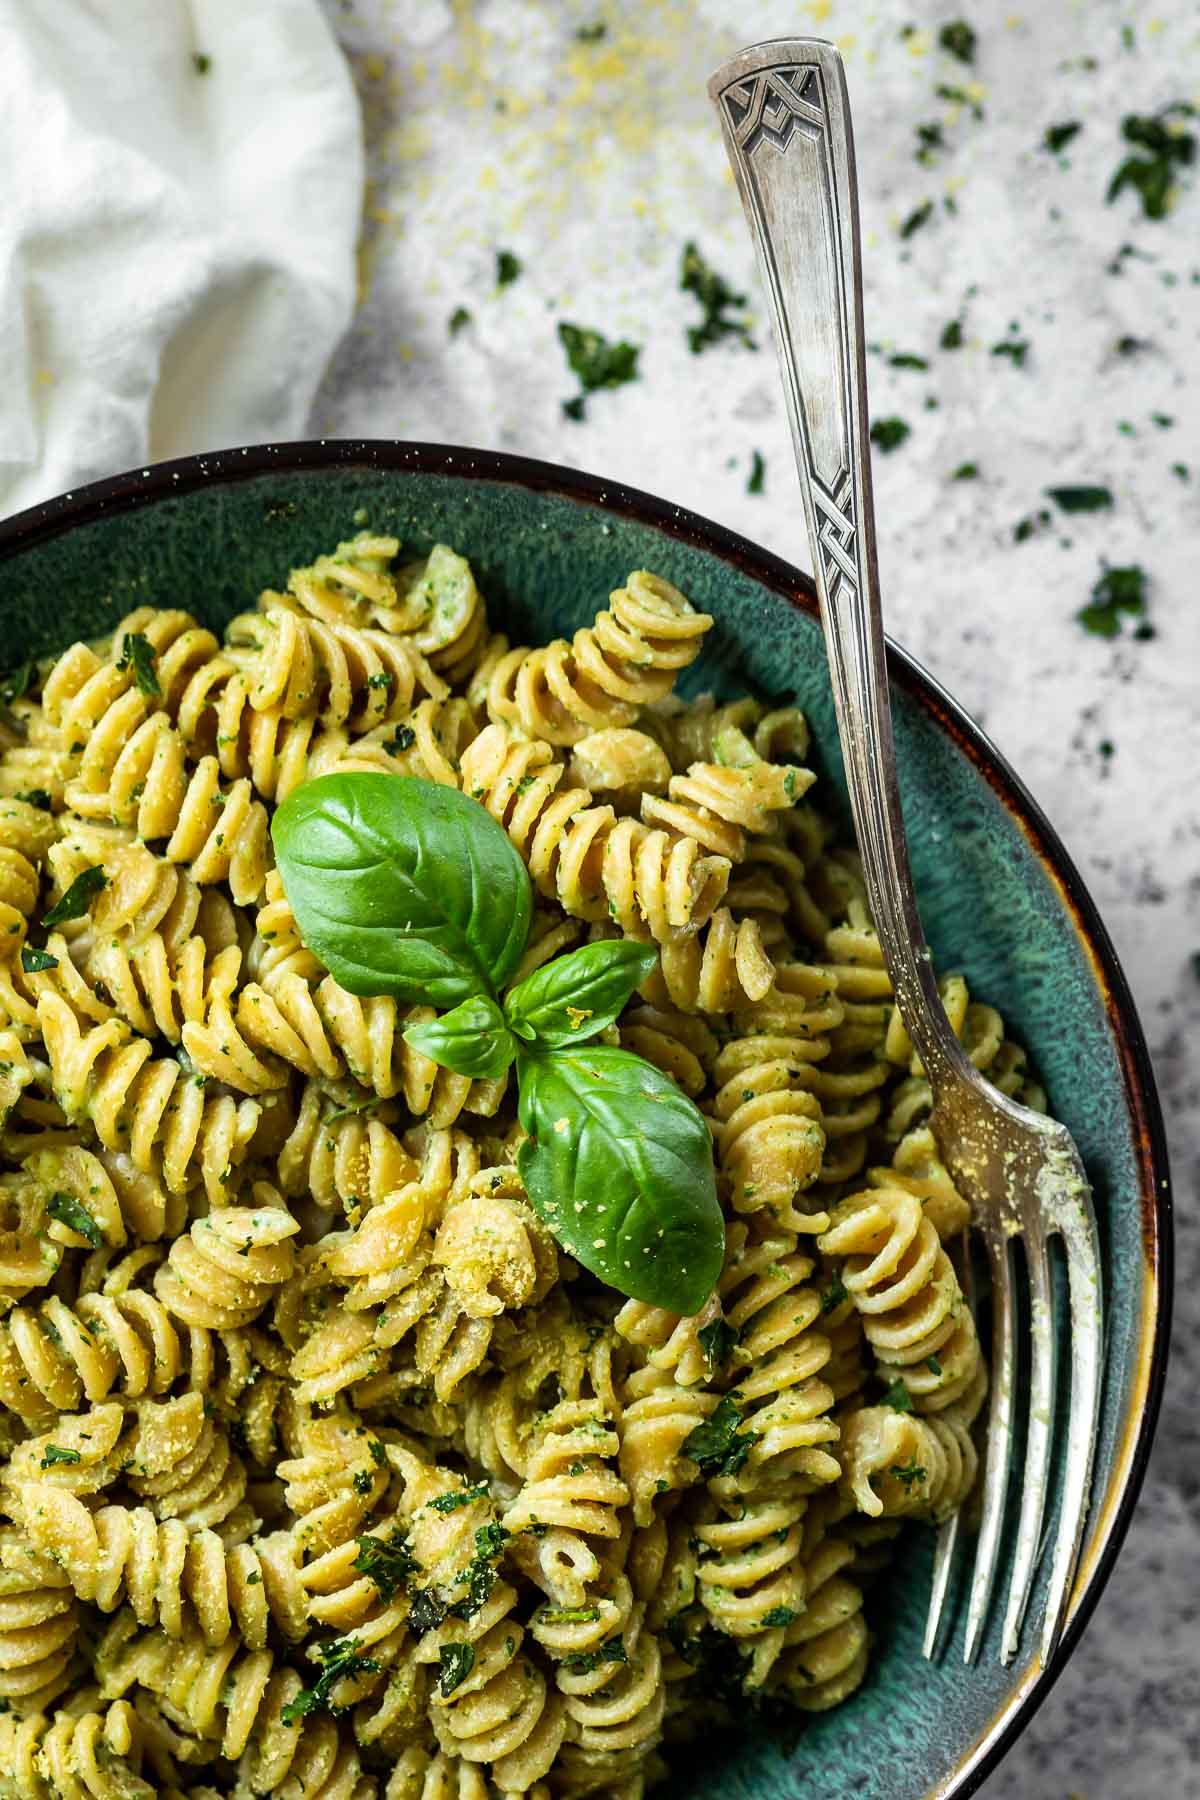 Vegane Pesto-Sahne-Sauce in einer Schüssel mit Nudeln.